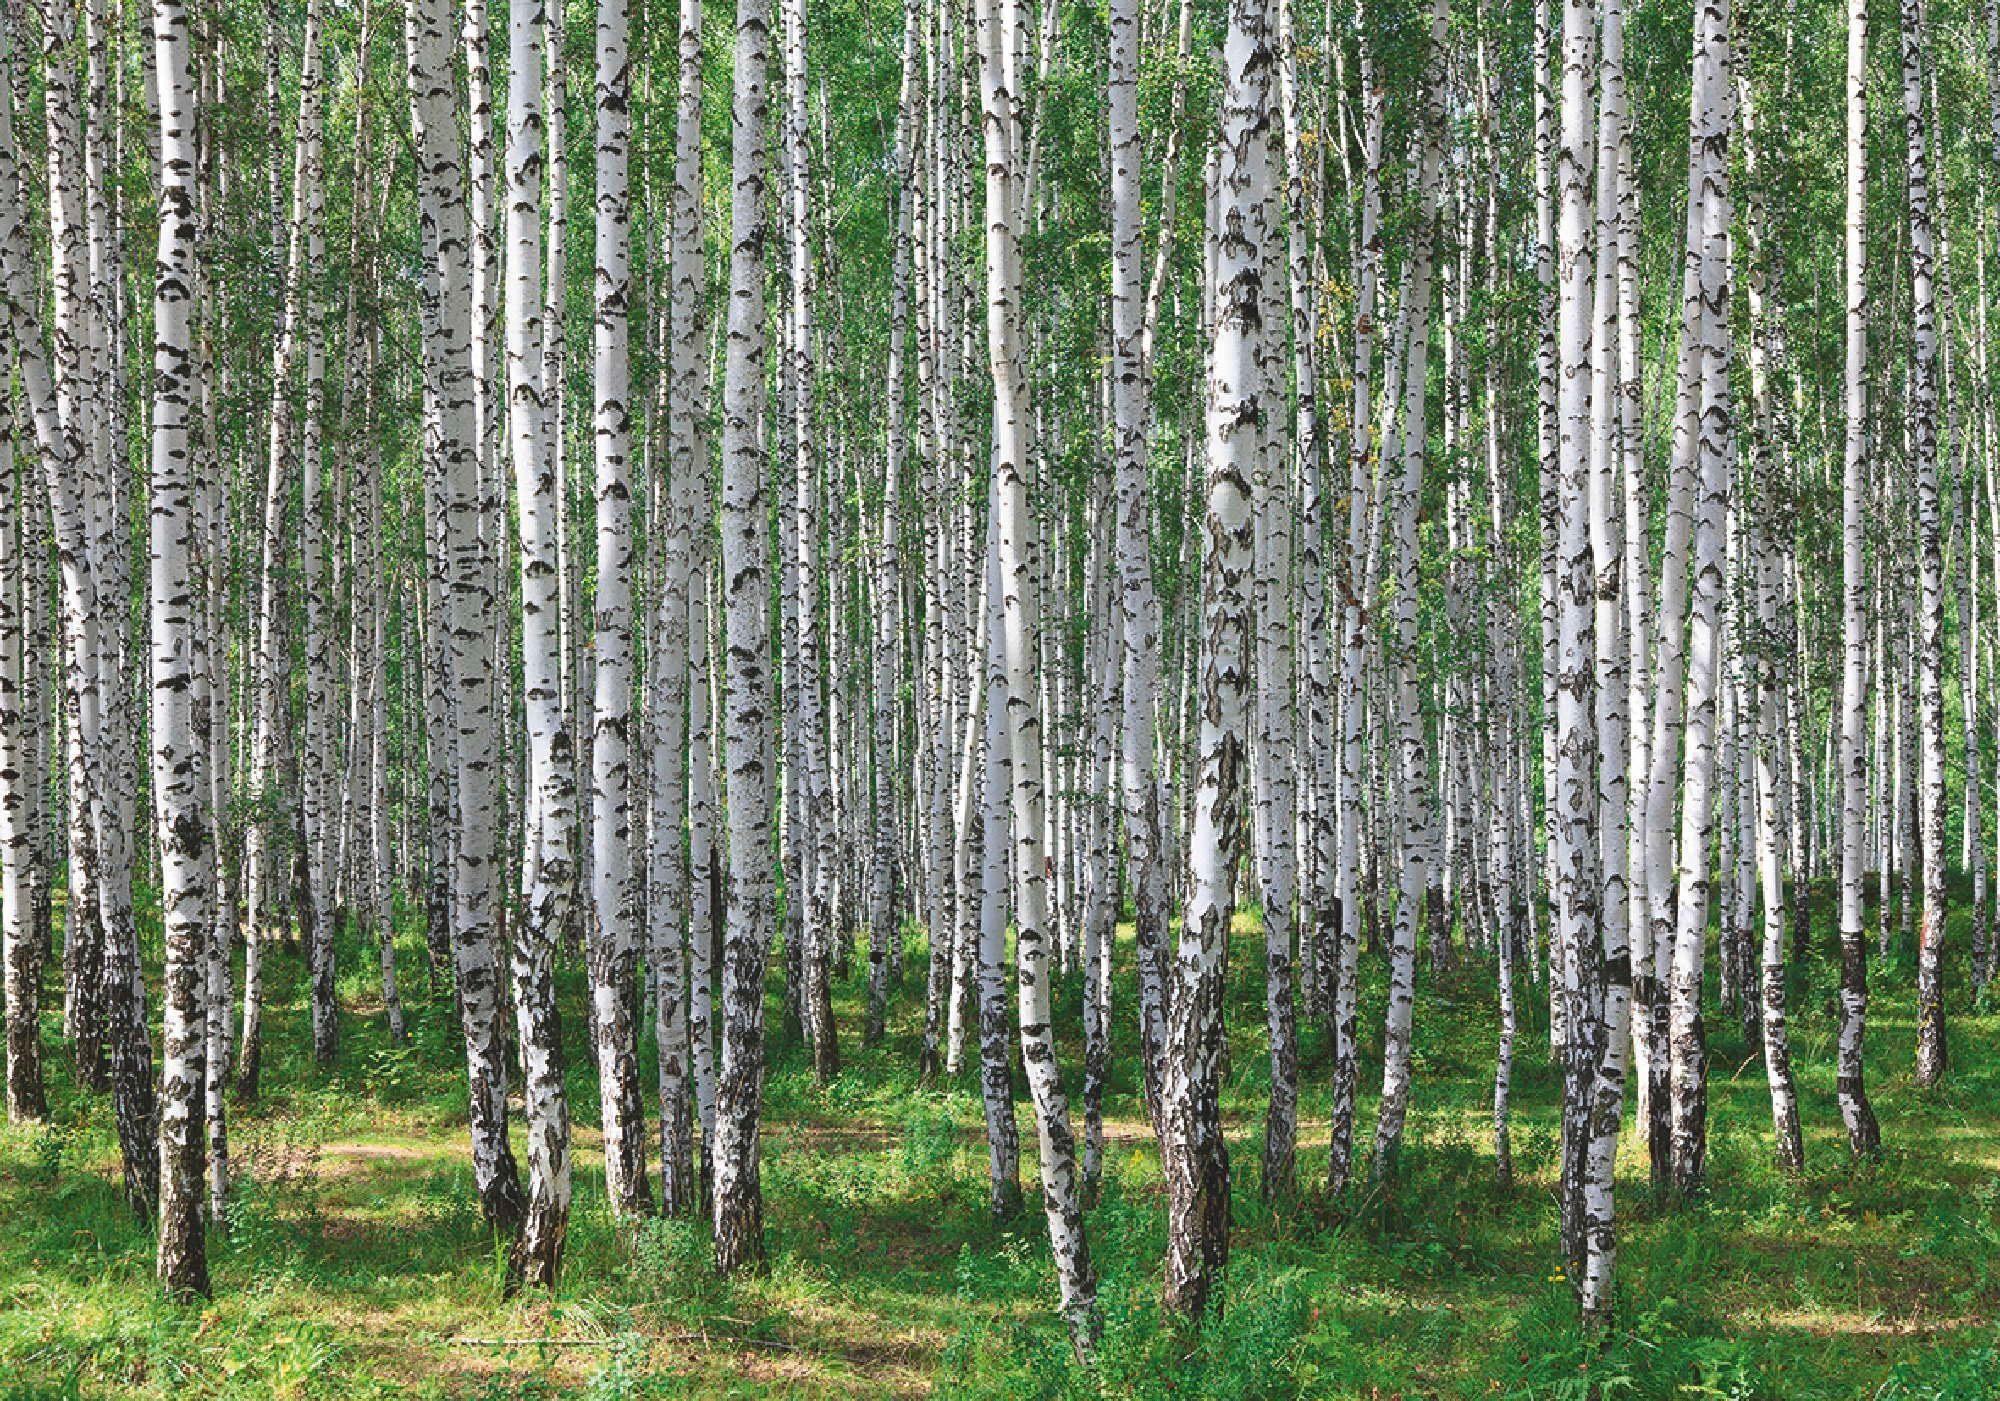 Home affaire Leinwandbild Birkenwald im Sommer 10070 cm online kaufen  OTTO